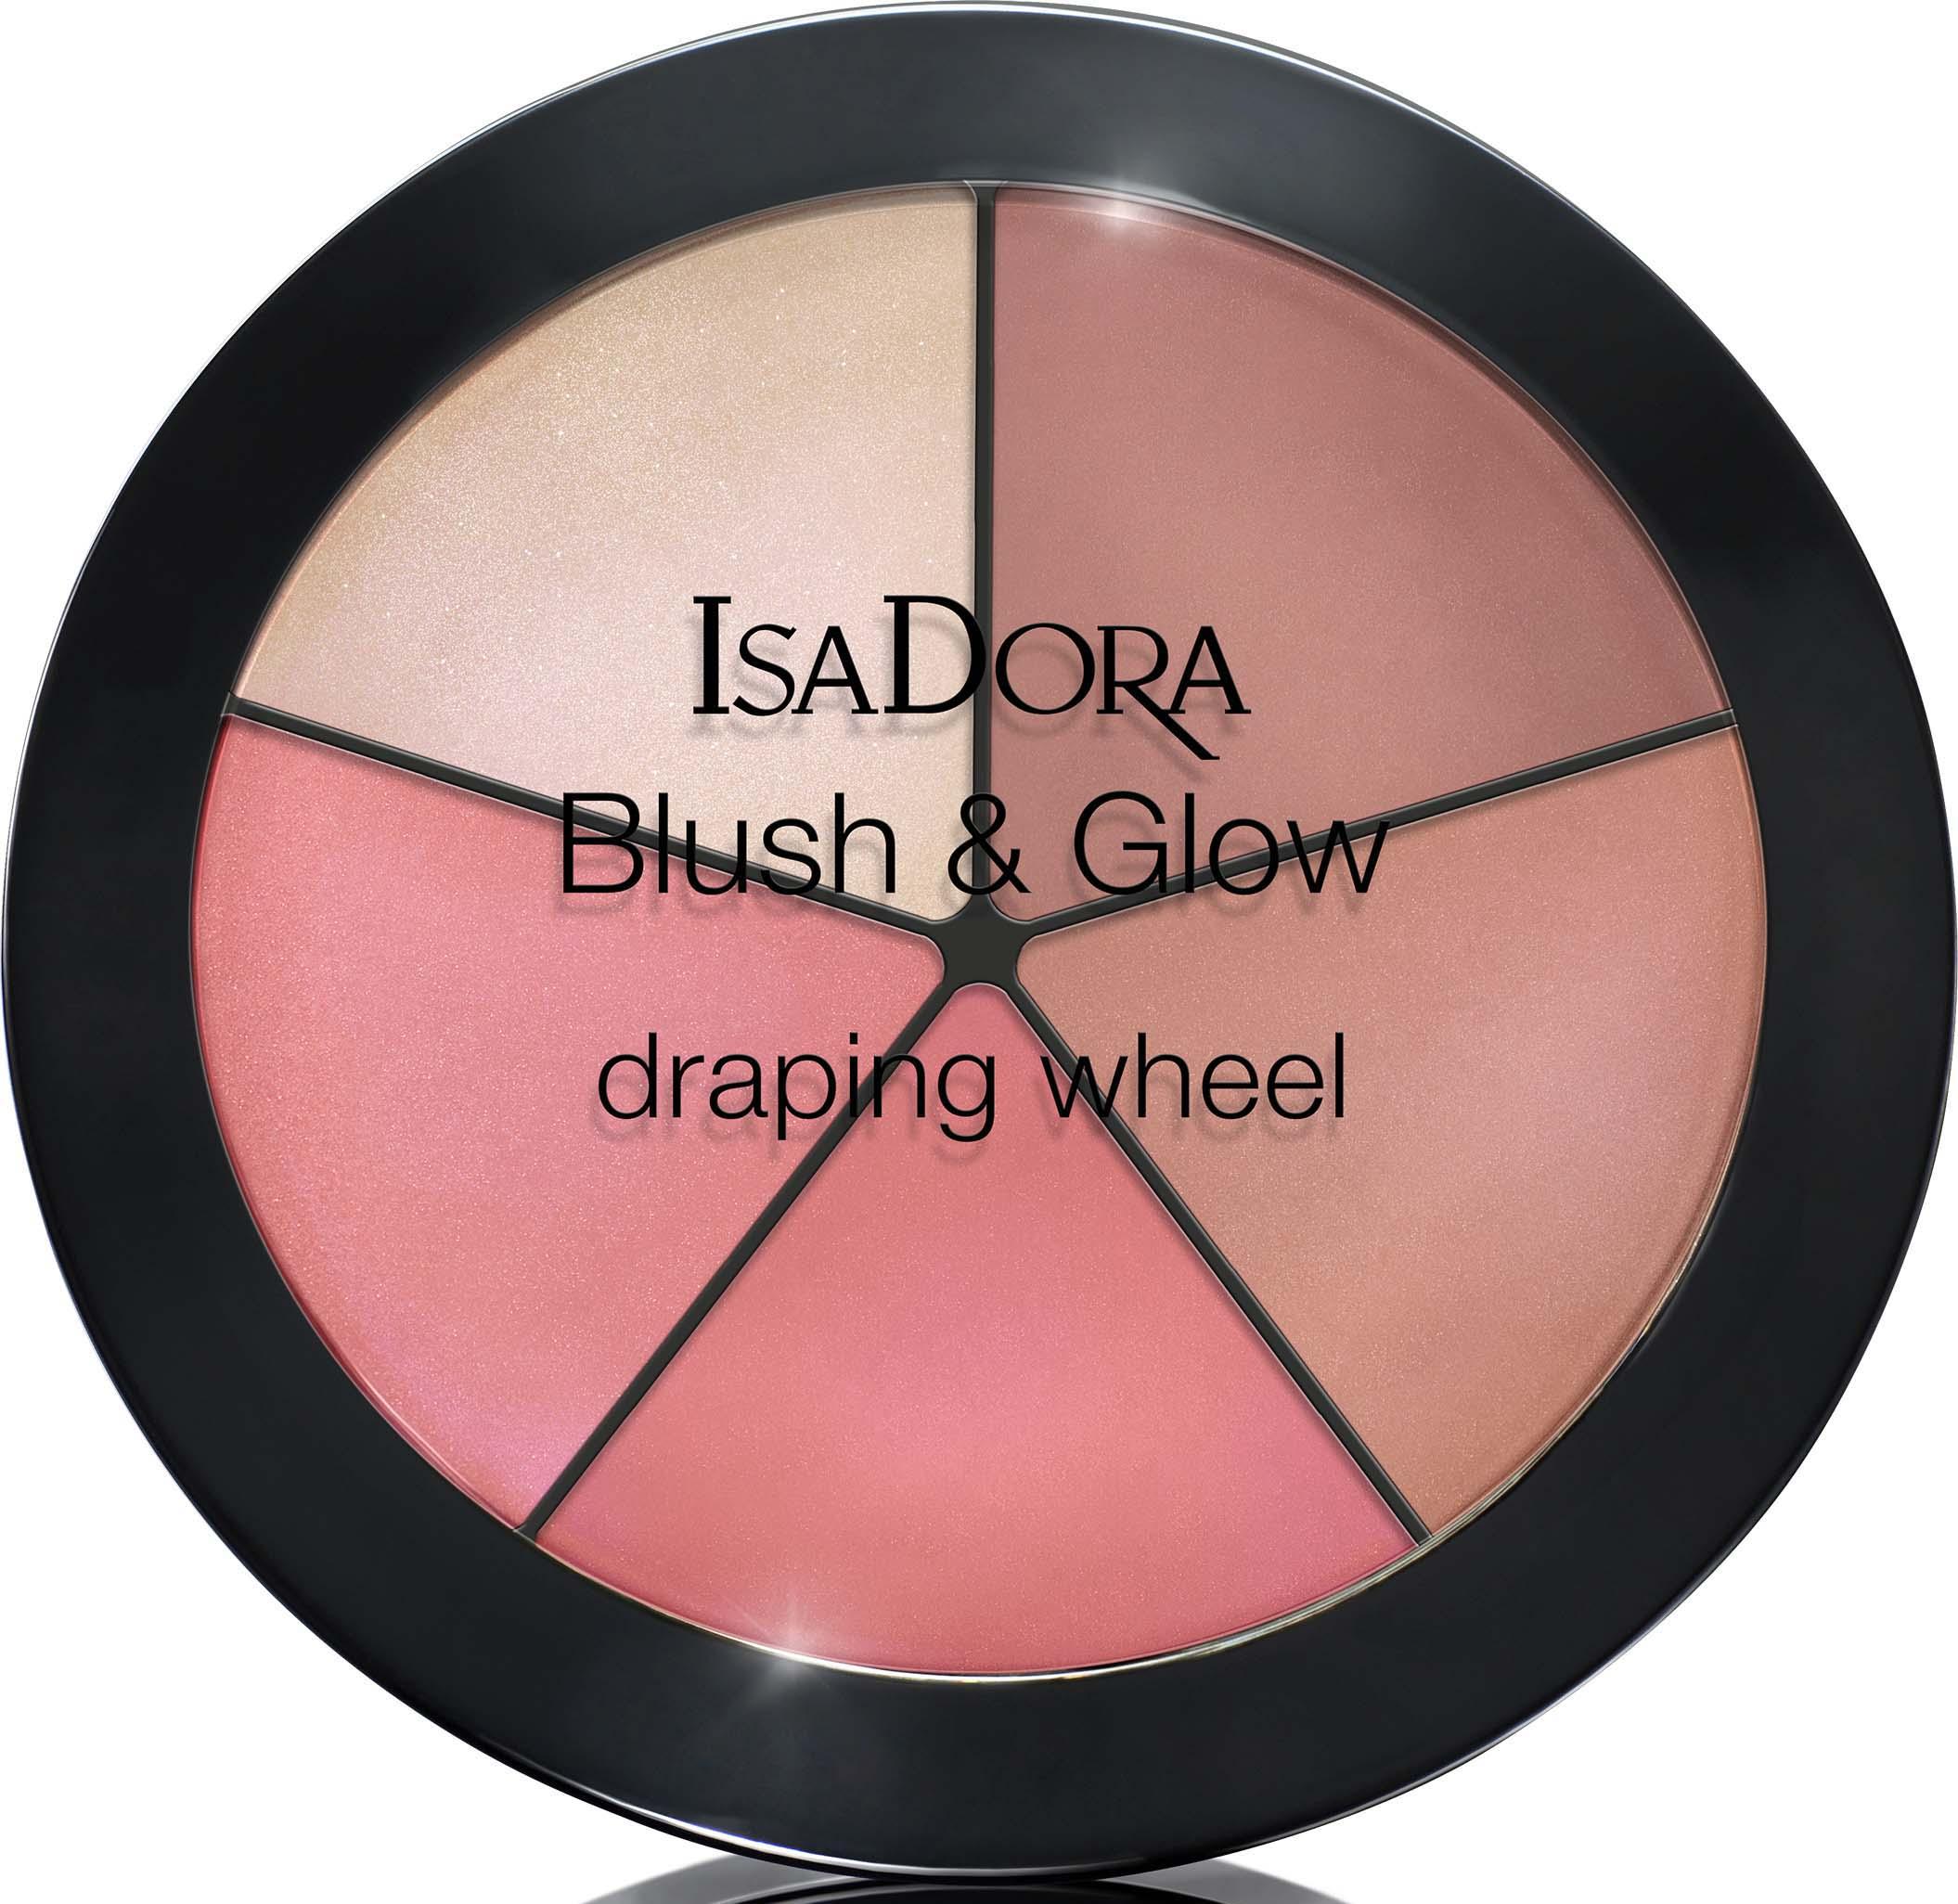 isadora-blush--glow55-peachy-rose-pop-1152-529-0000_1.jpg